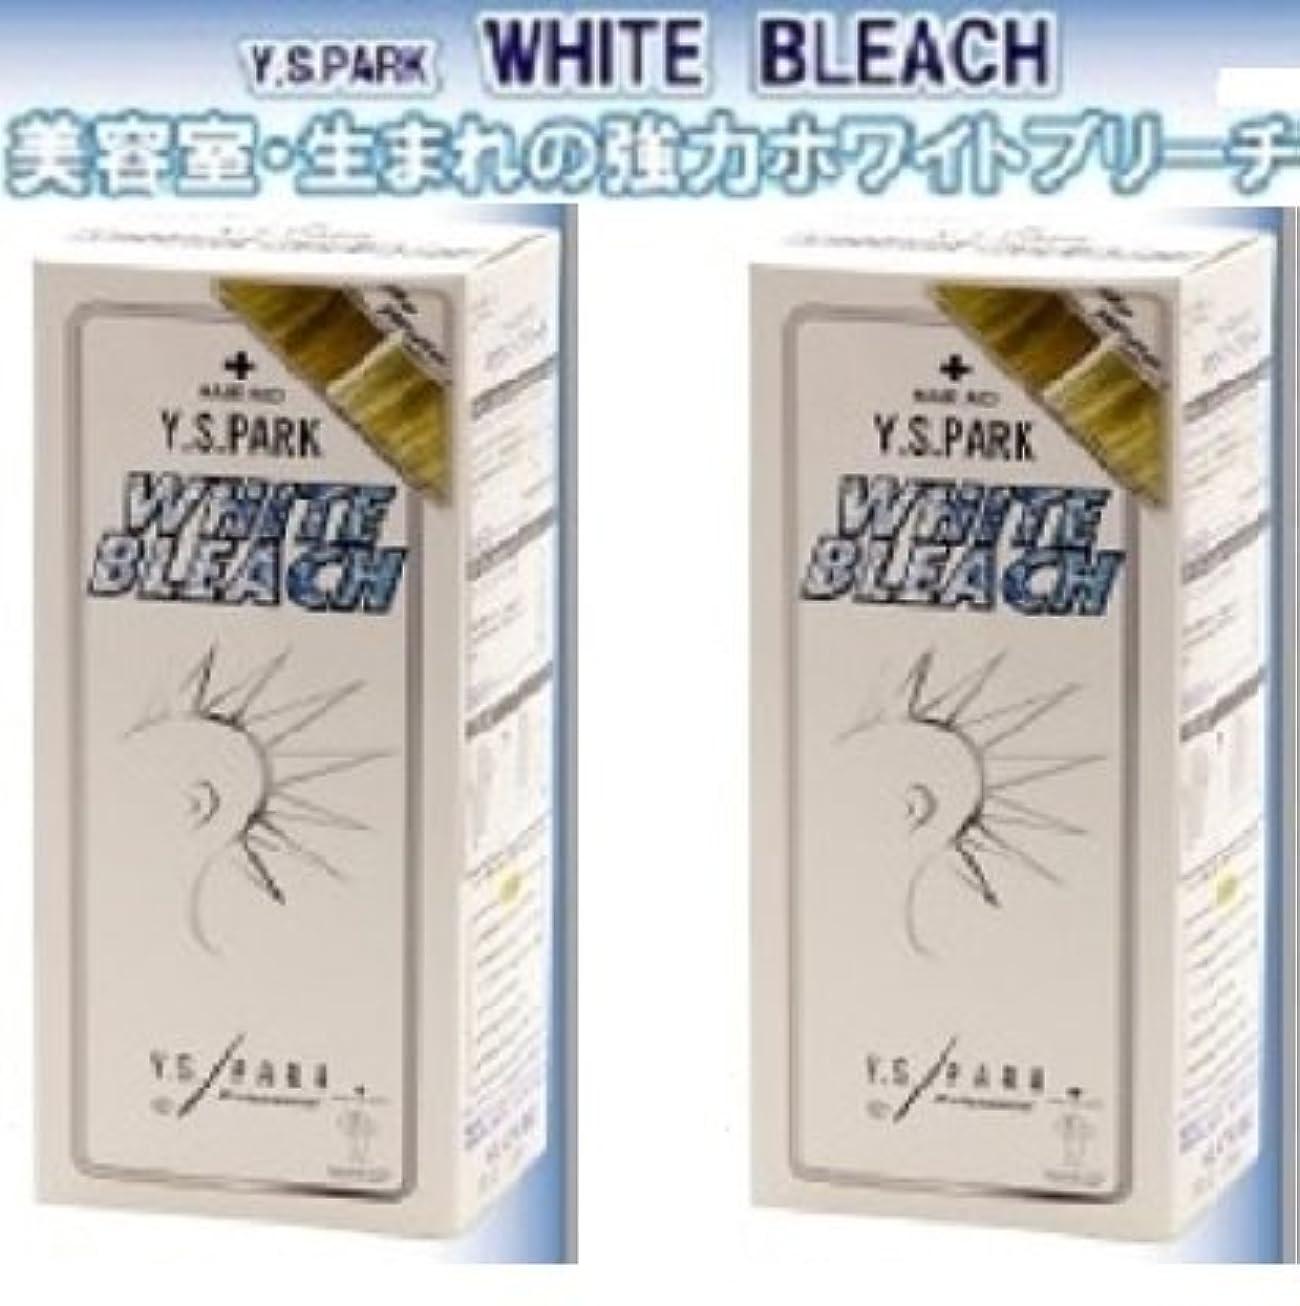 マーケティングヒントアラブサラボ【YSPARK 】ホワイトブリーチ ×2個セット(お得な2個組)美容室生まれの強力ホワイトブリーチ